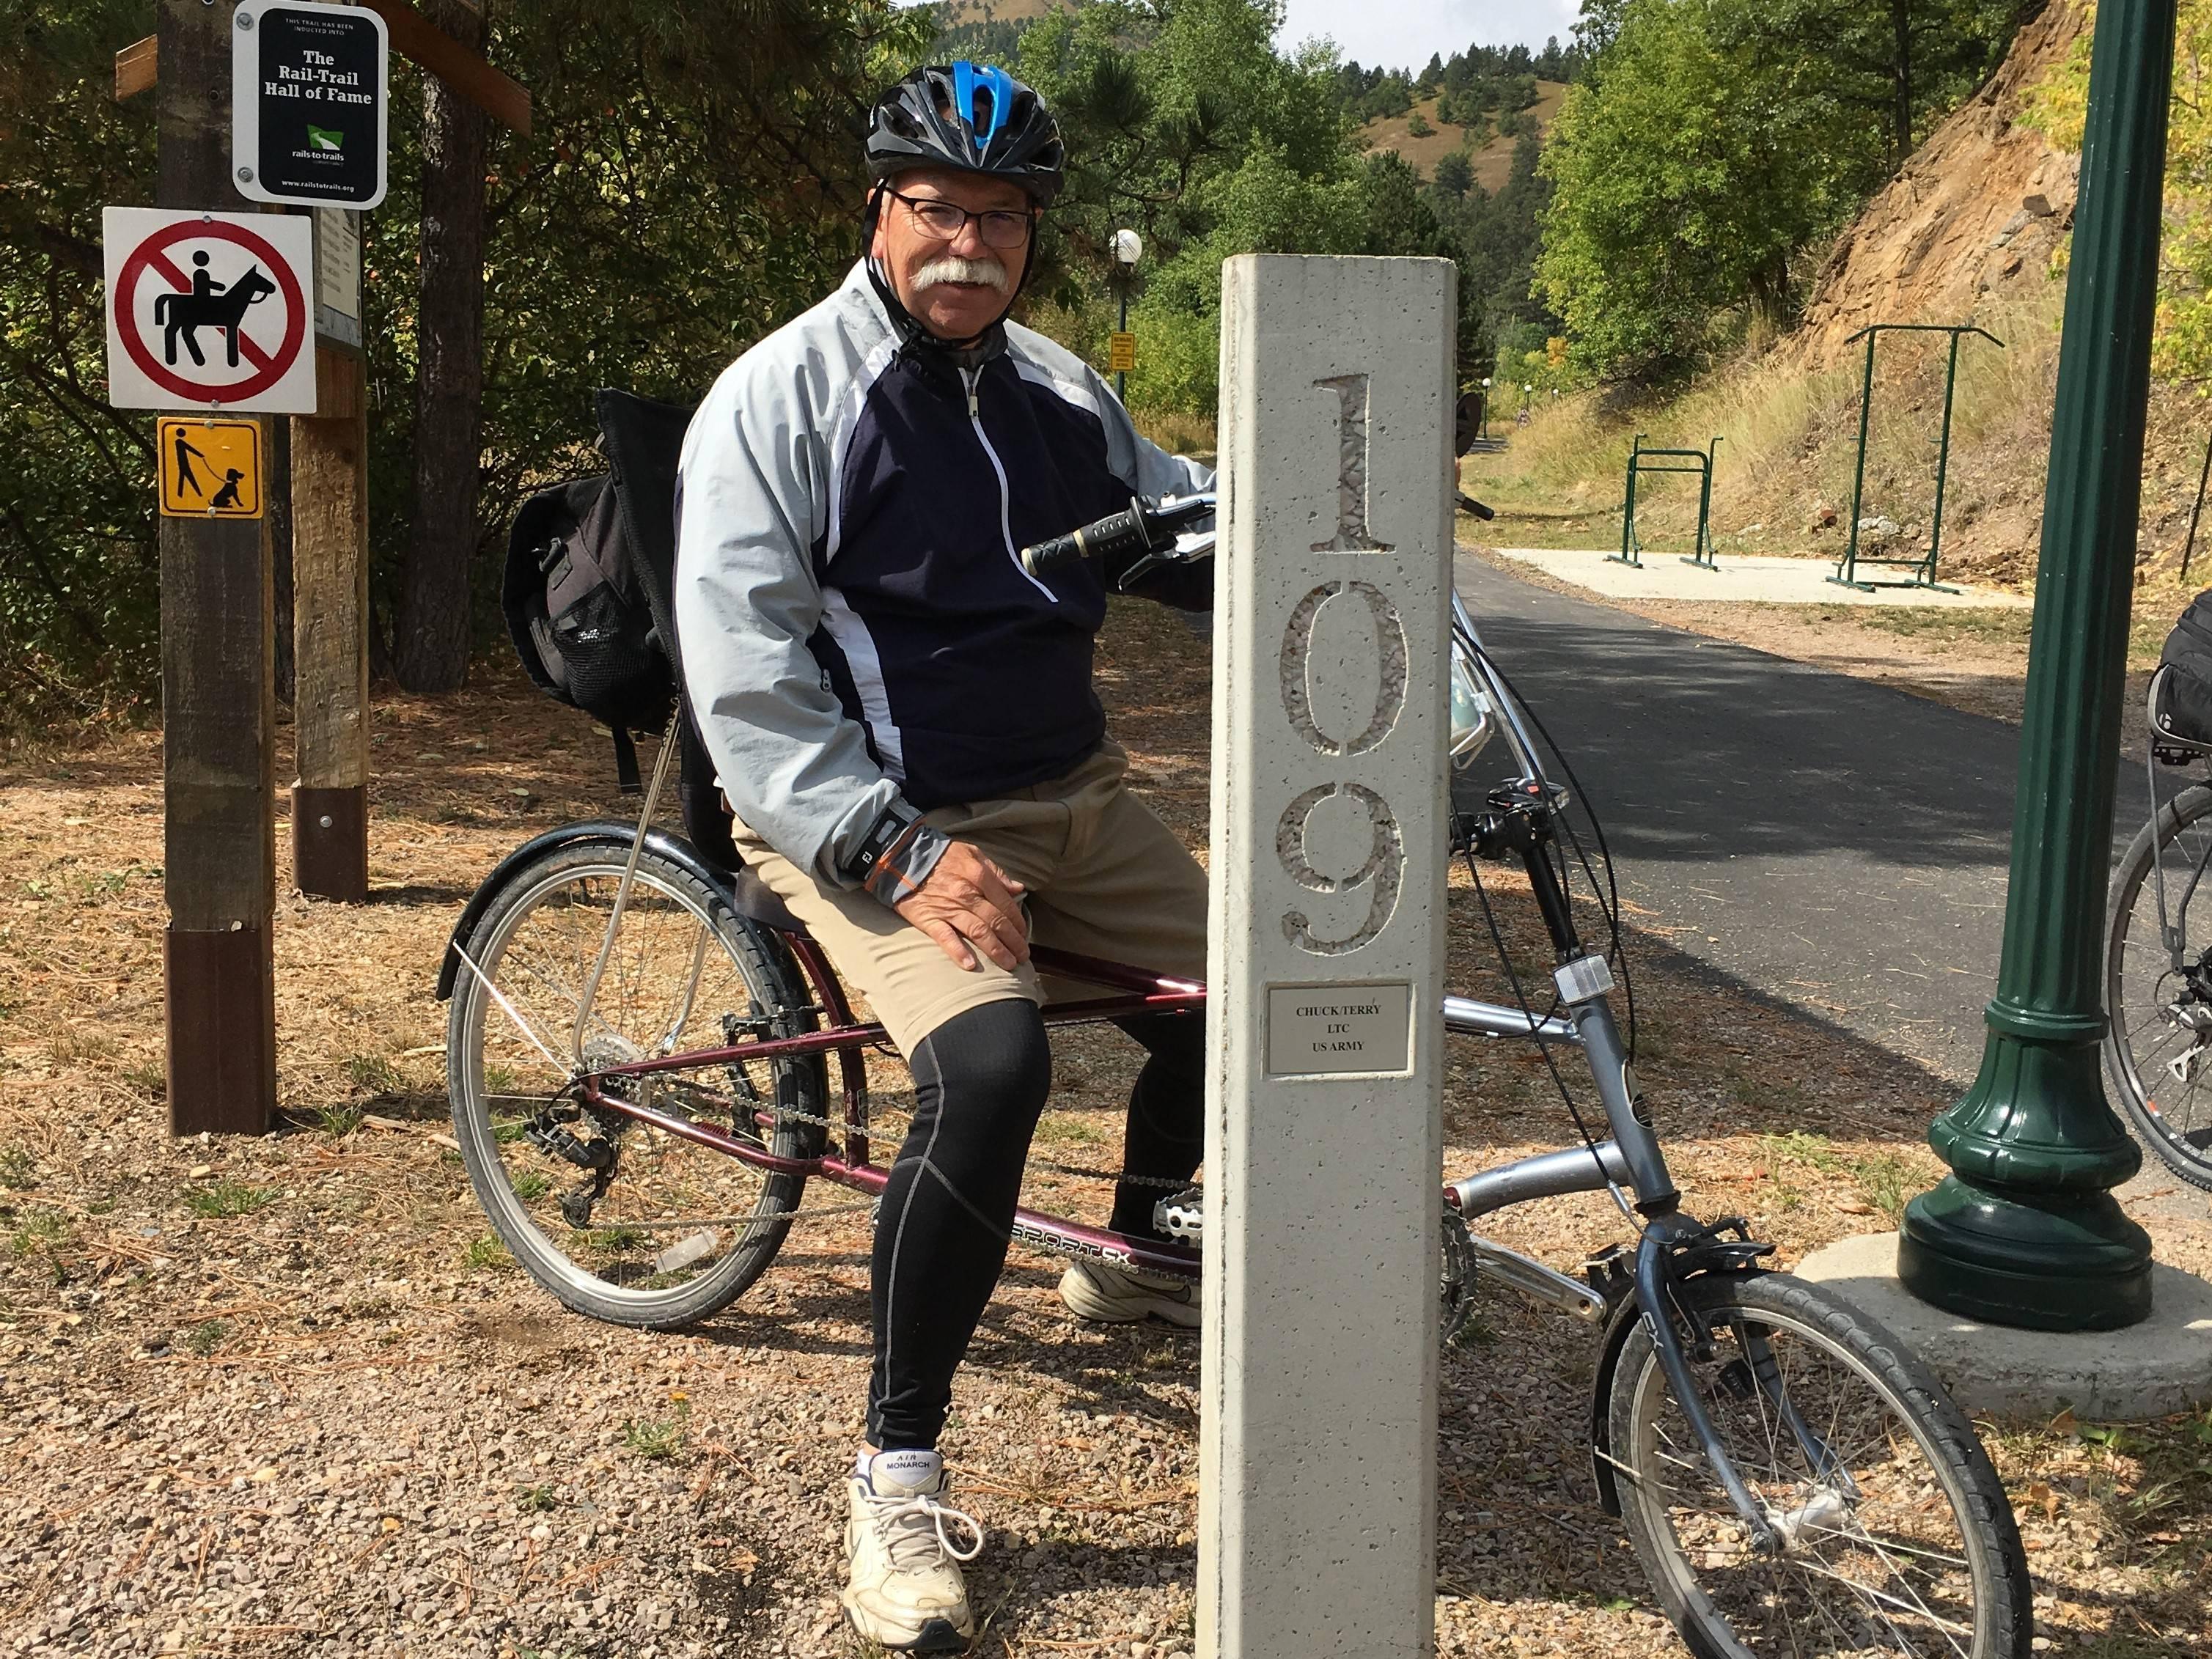 Mile marker 109 in Deadwood.